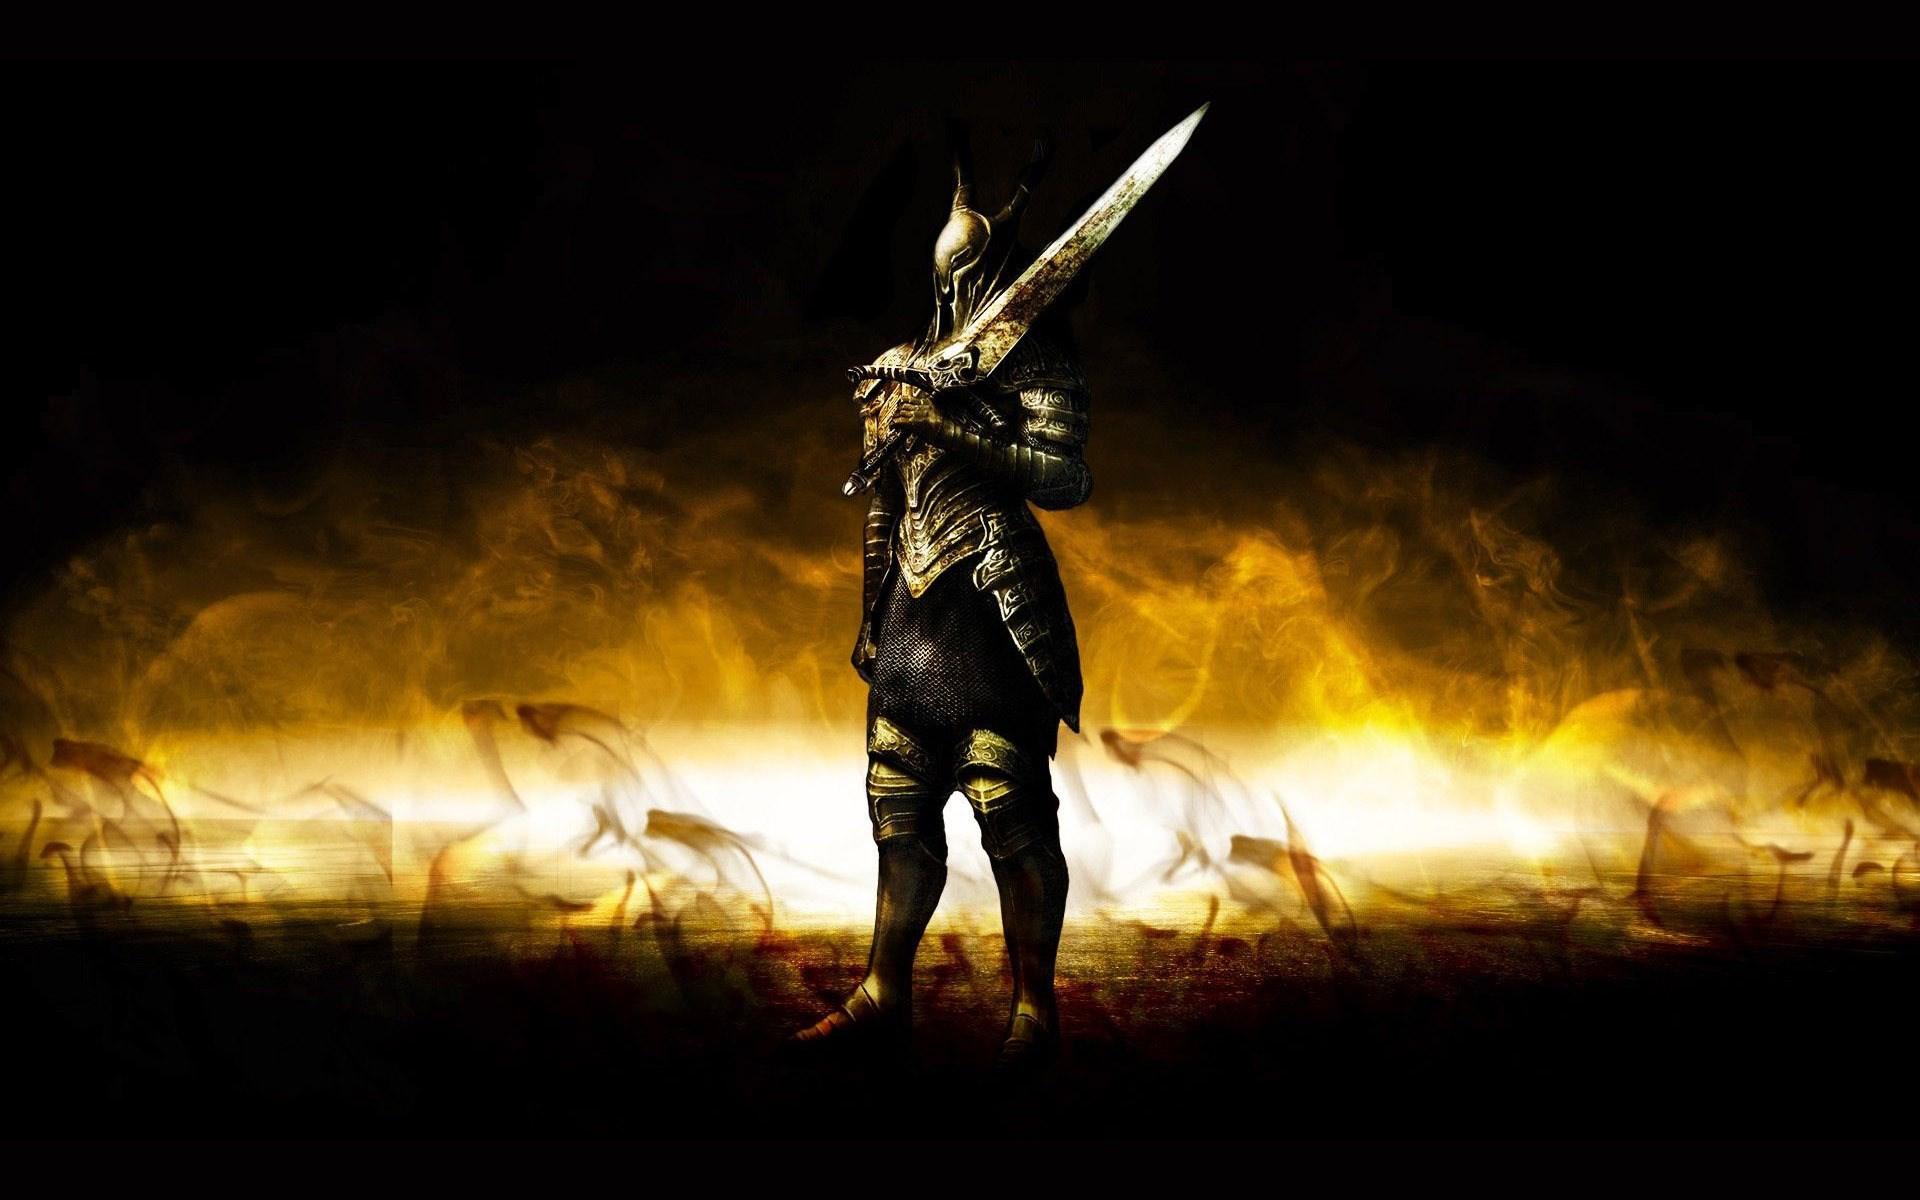 Dark Souls 2 Wallpaper Hd: Dark Souls Bonfire Wallpaper (78+ Images